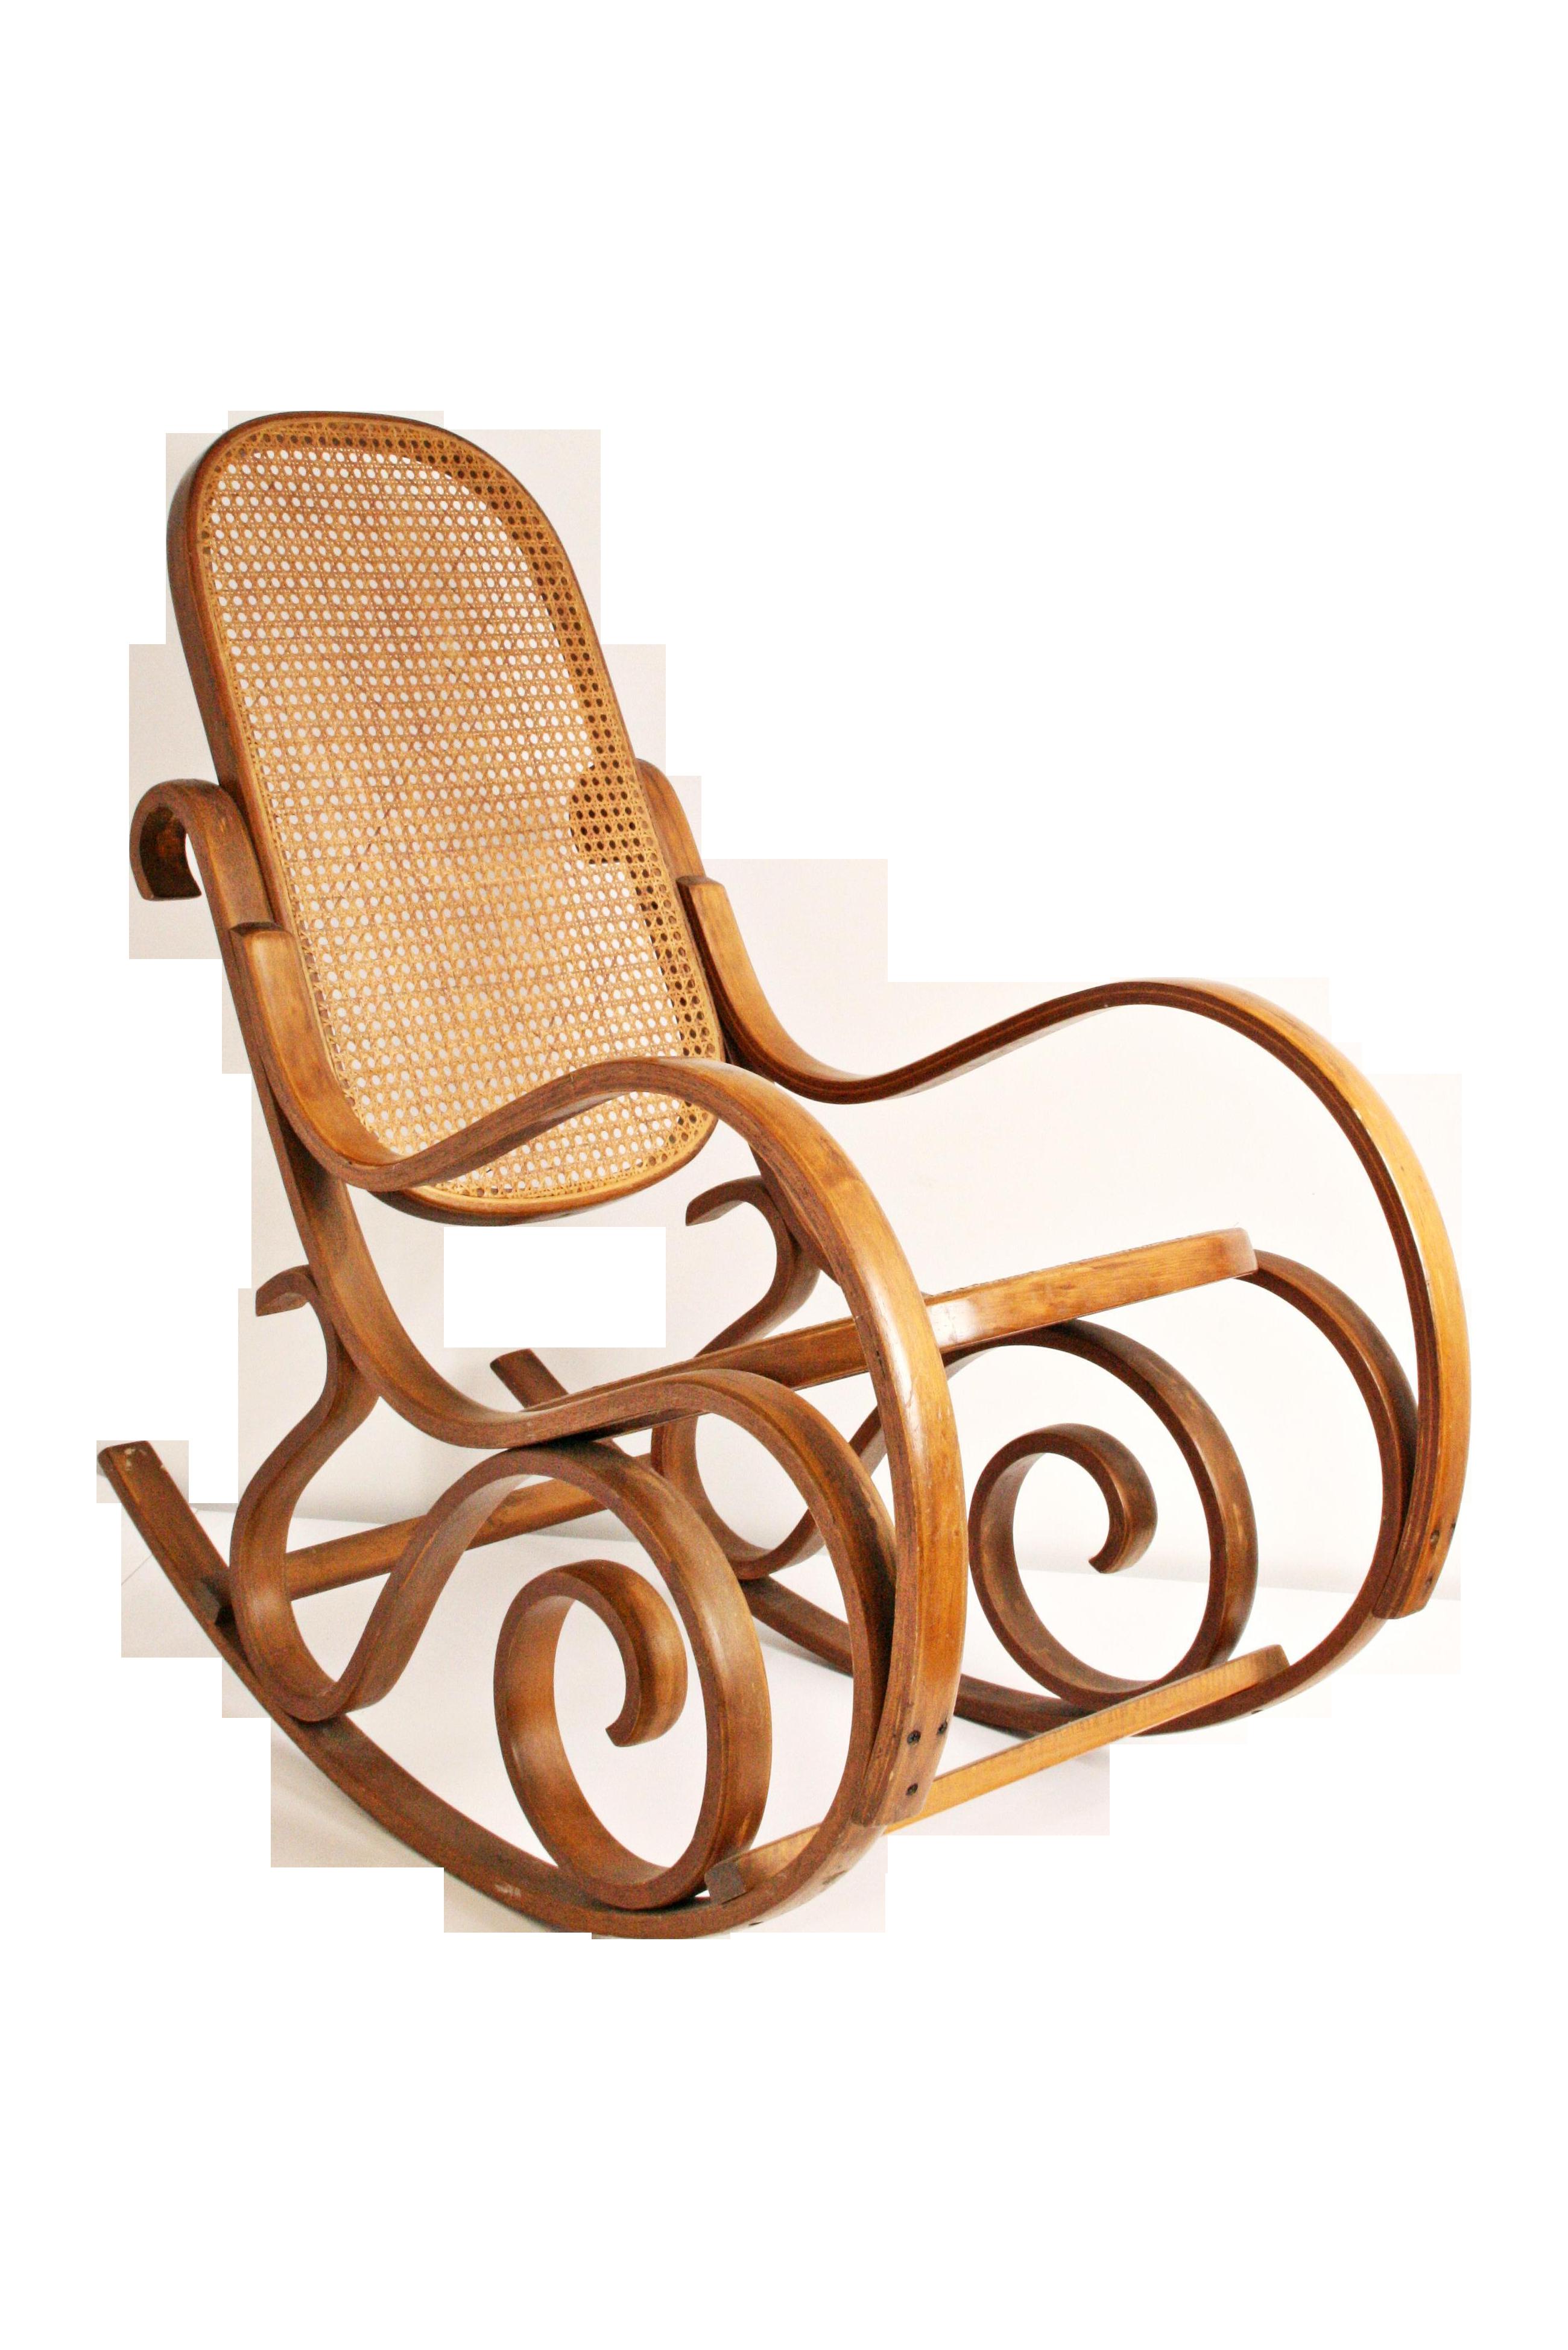 Vintage Thonet-Style Bentwood Cane Rocking Chair  sc 1 st  Chairish & Vintage Thonet-Style Bentwood Cane Rocking Chair | Chairish